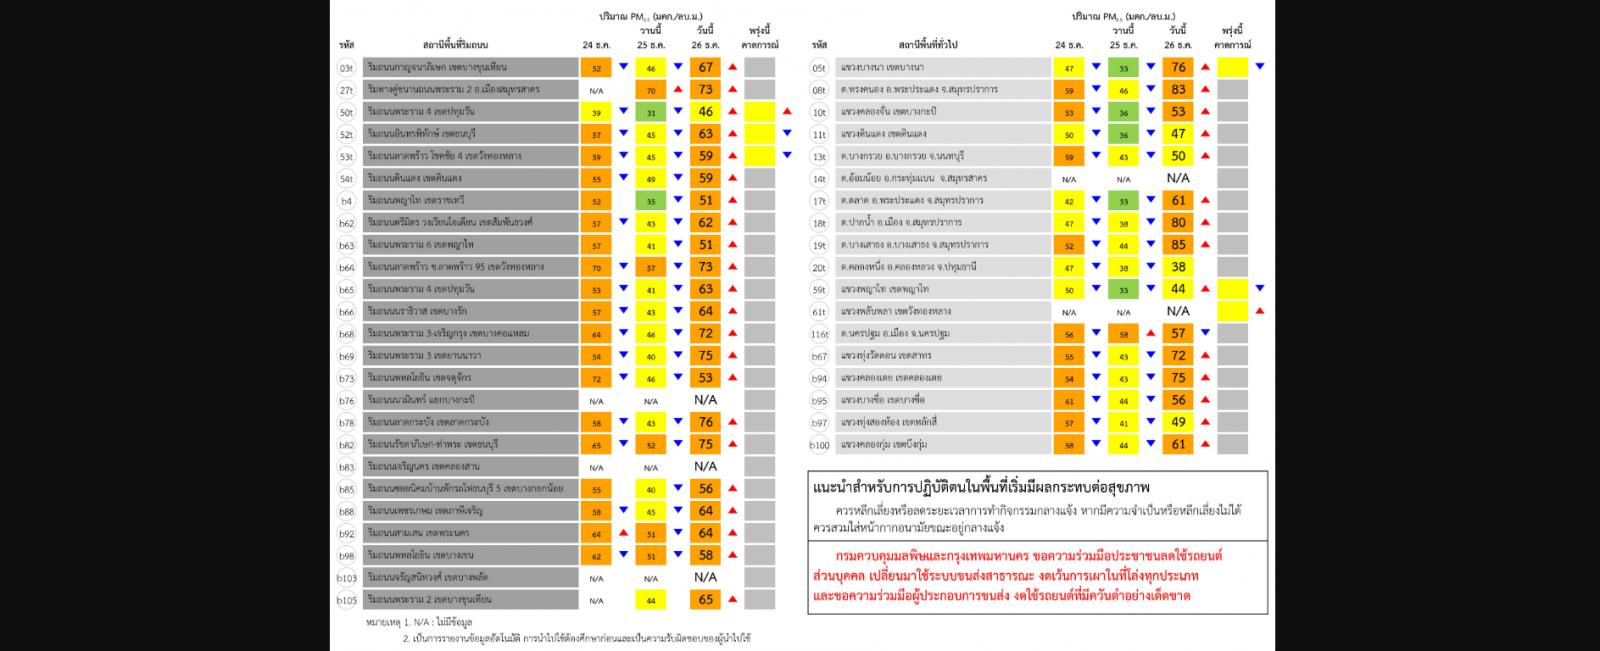 """พบ """"ฝุ่น PM2.5"""" ทั่วกรุงฯ-ปริมณฑล 32 จุด เริ่มมีผลกระทบต่อสุขภาพ!"""